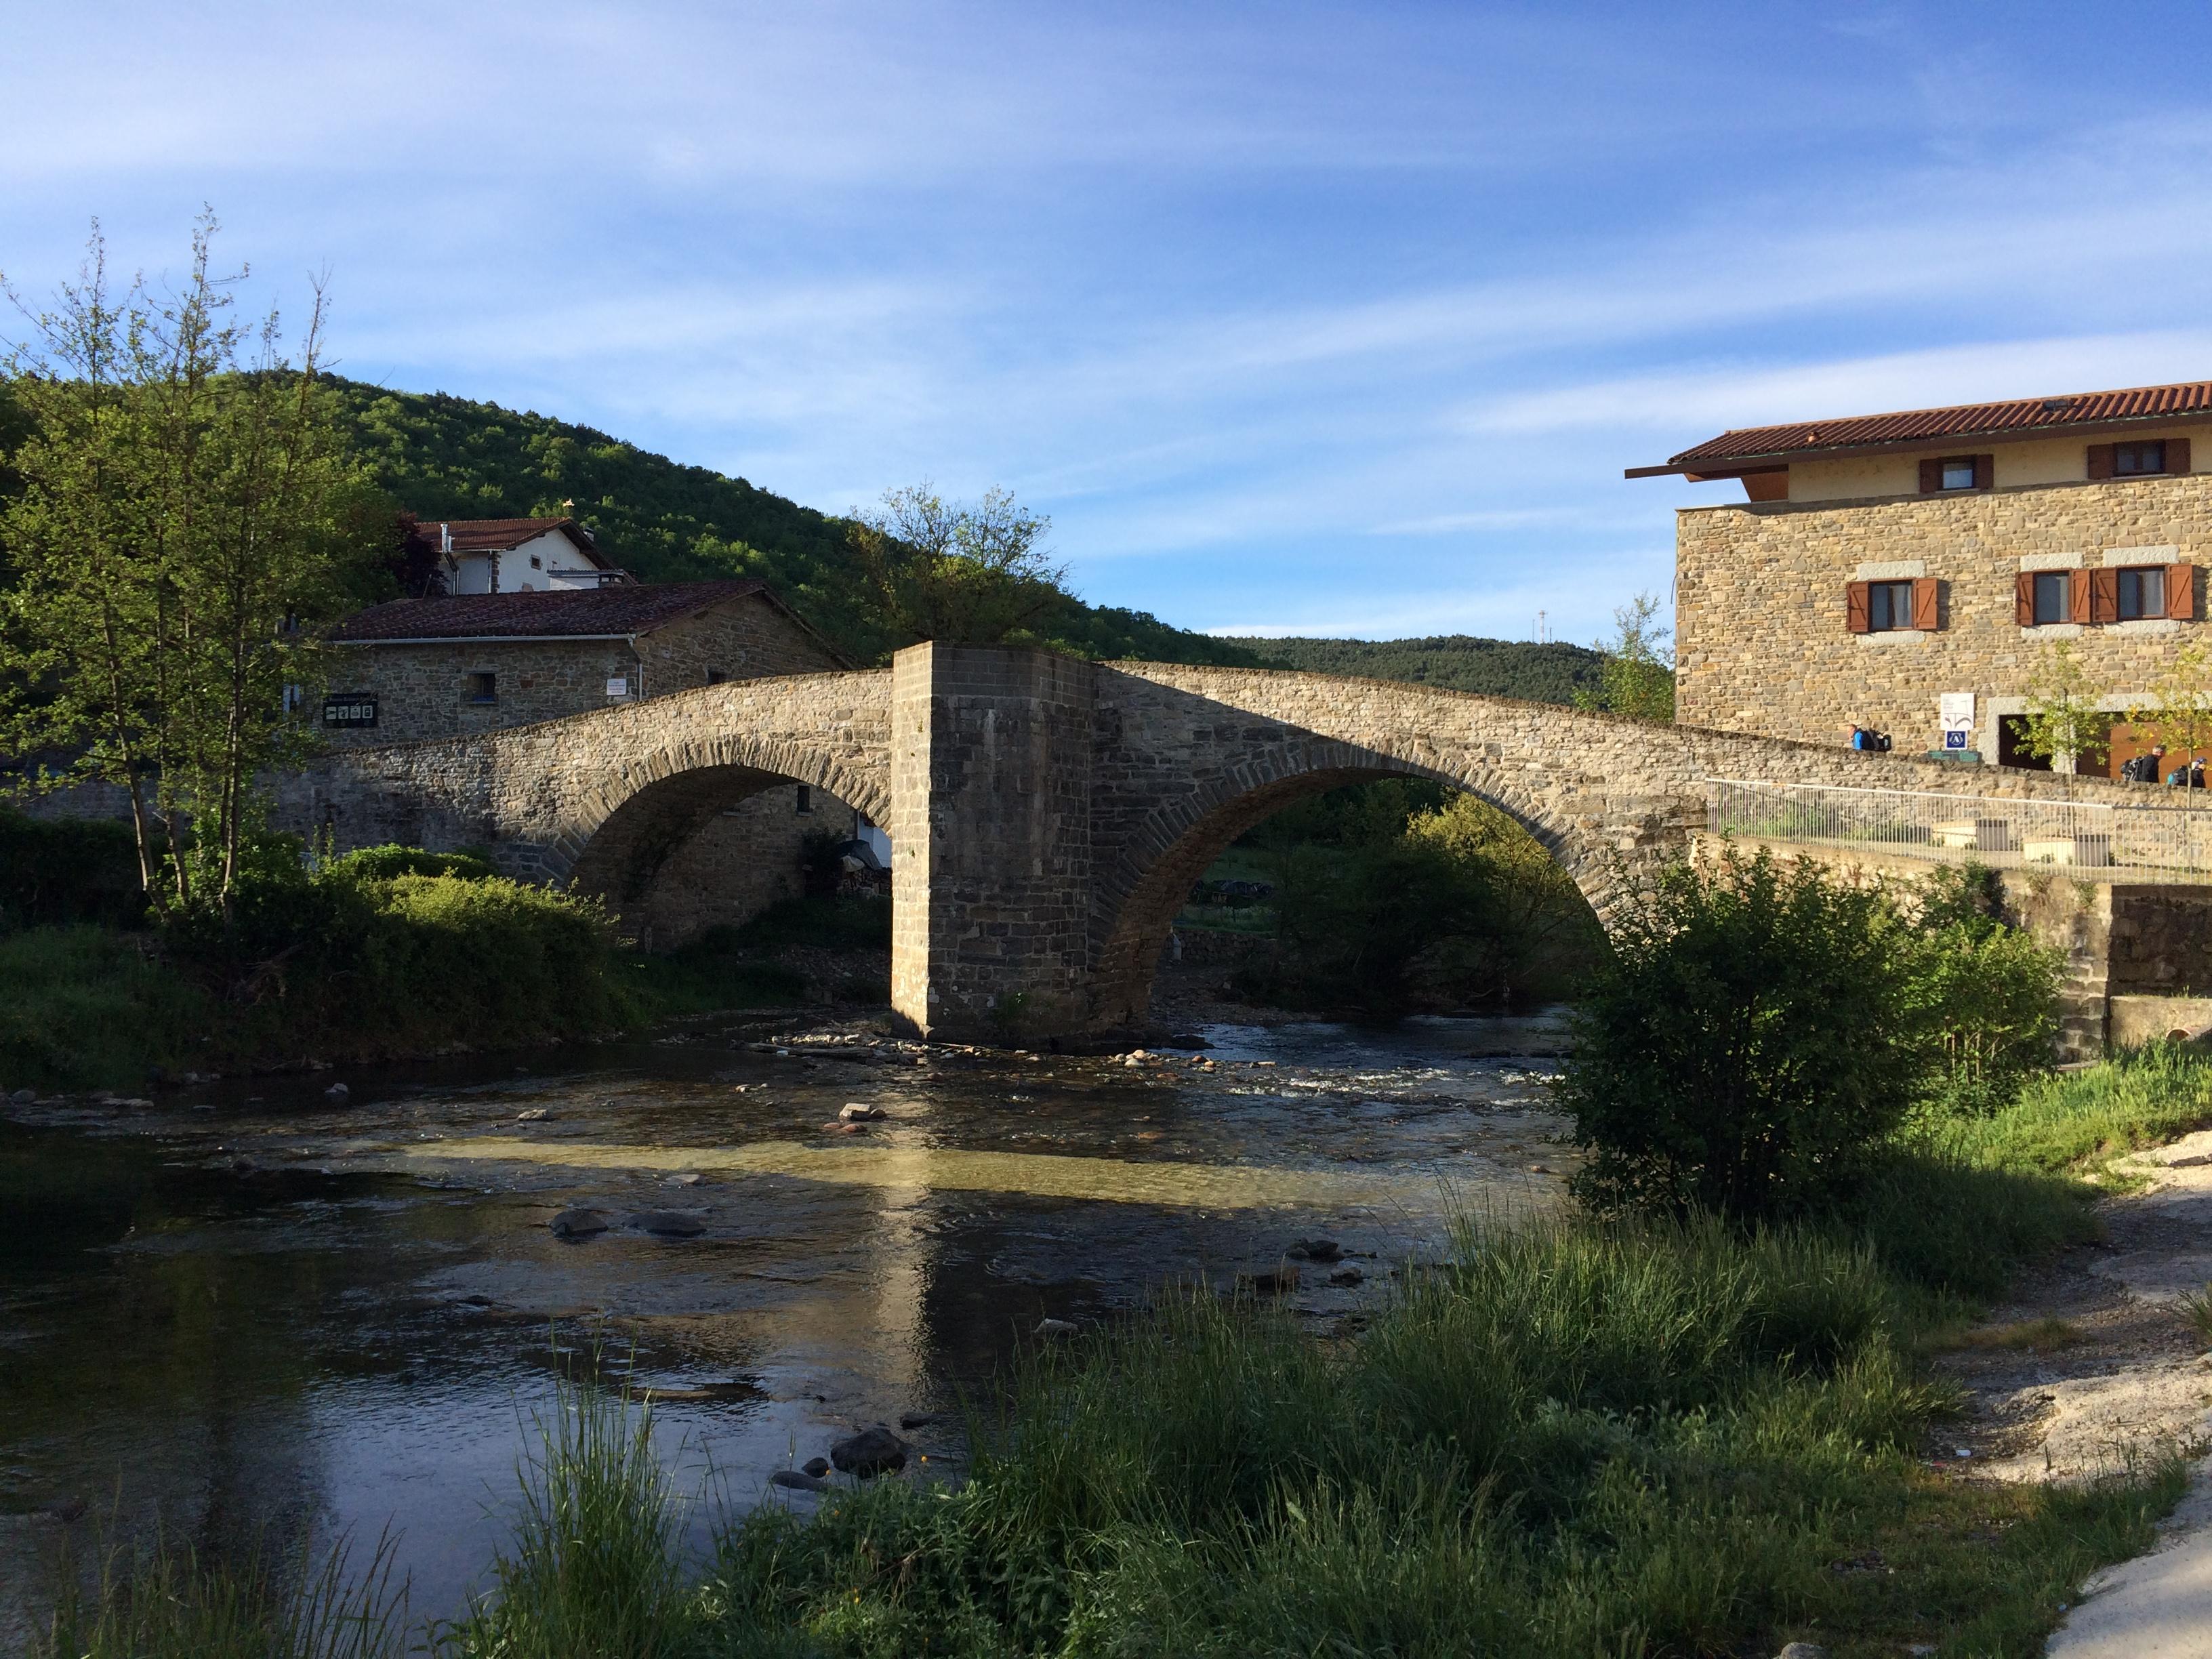 Day 4 - Zubiri to Pamplona - May 8, 2017